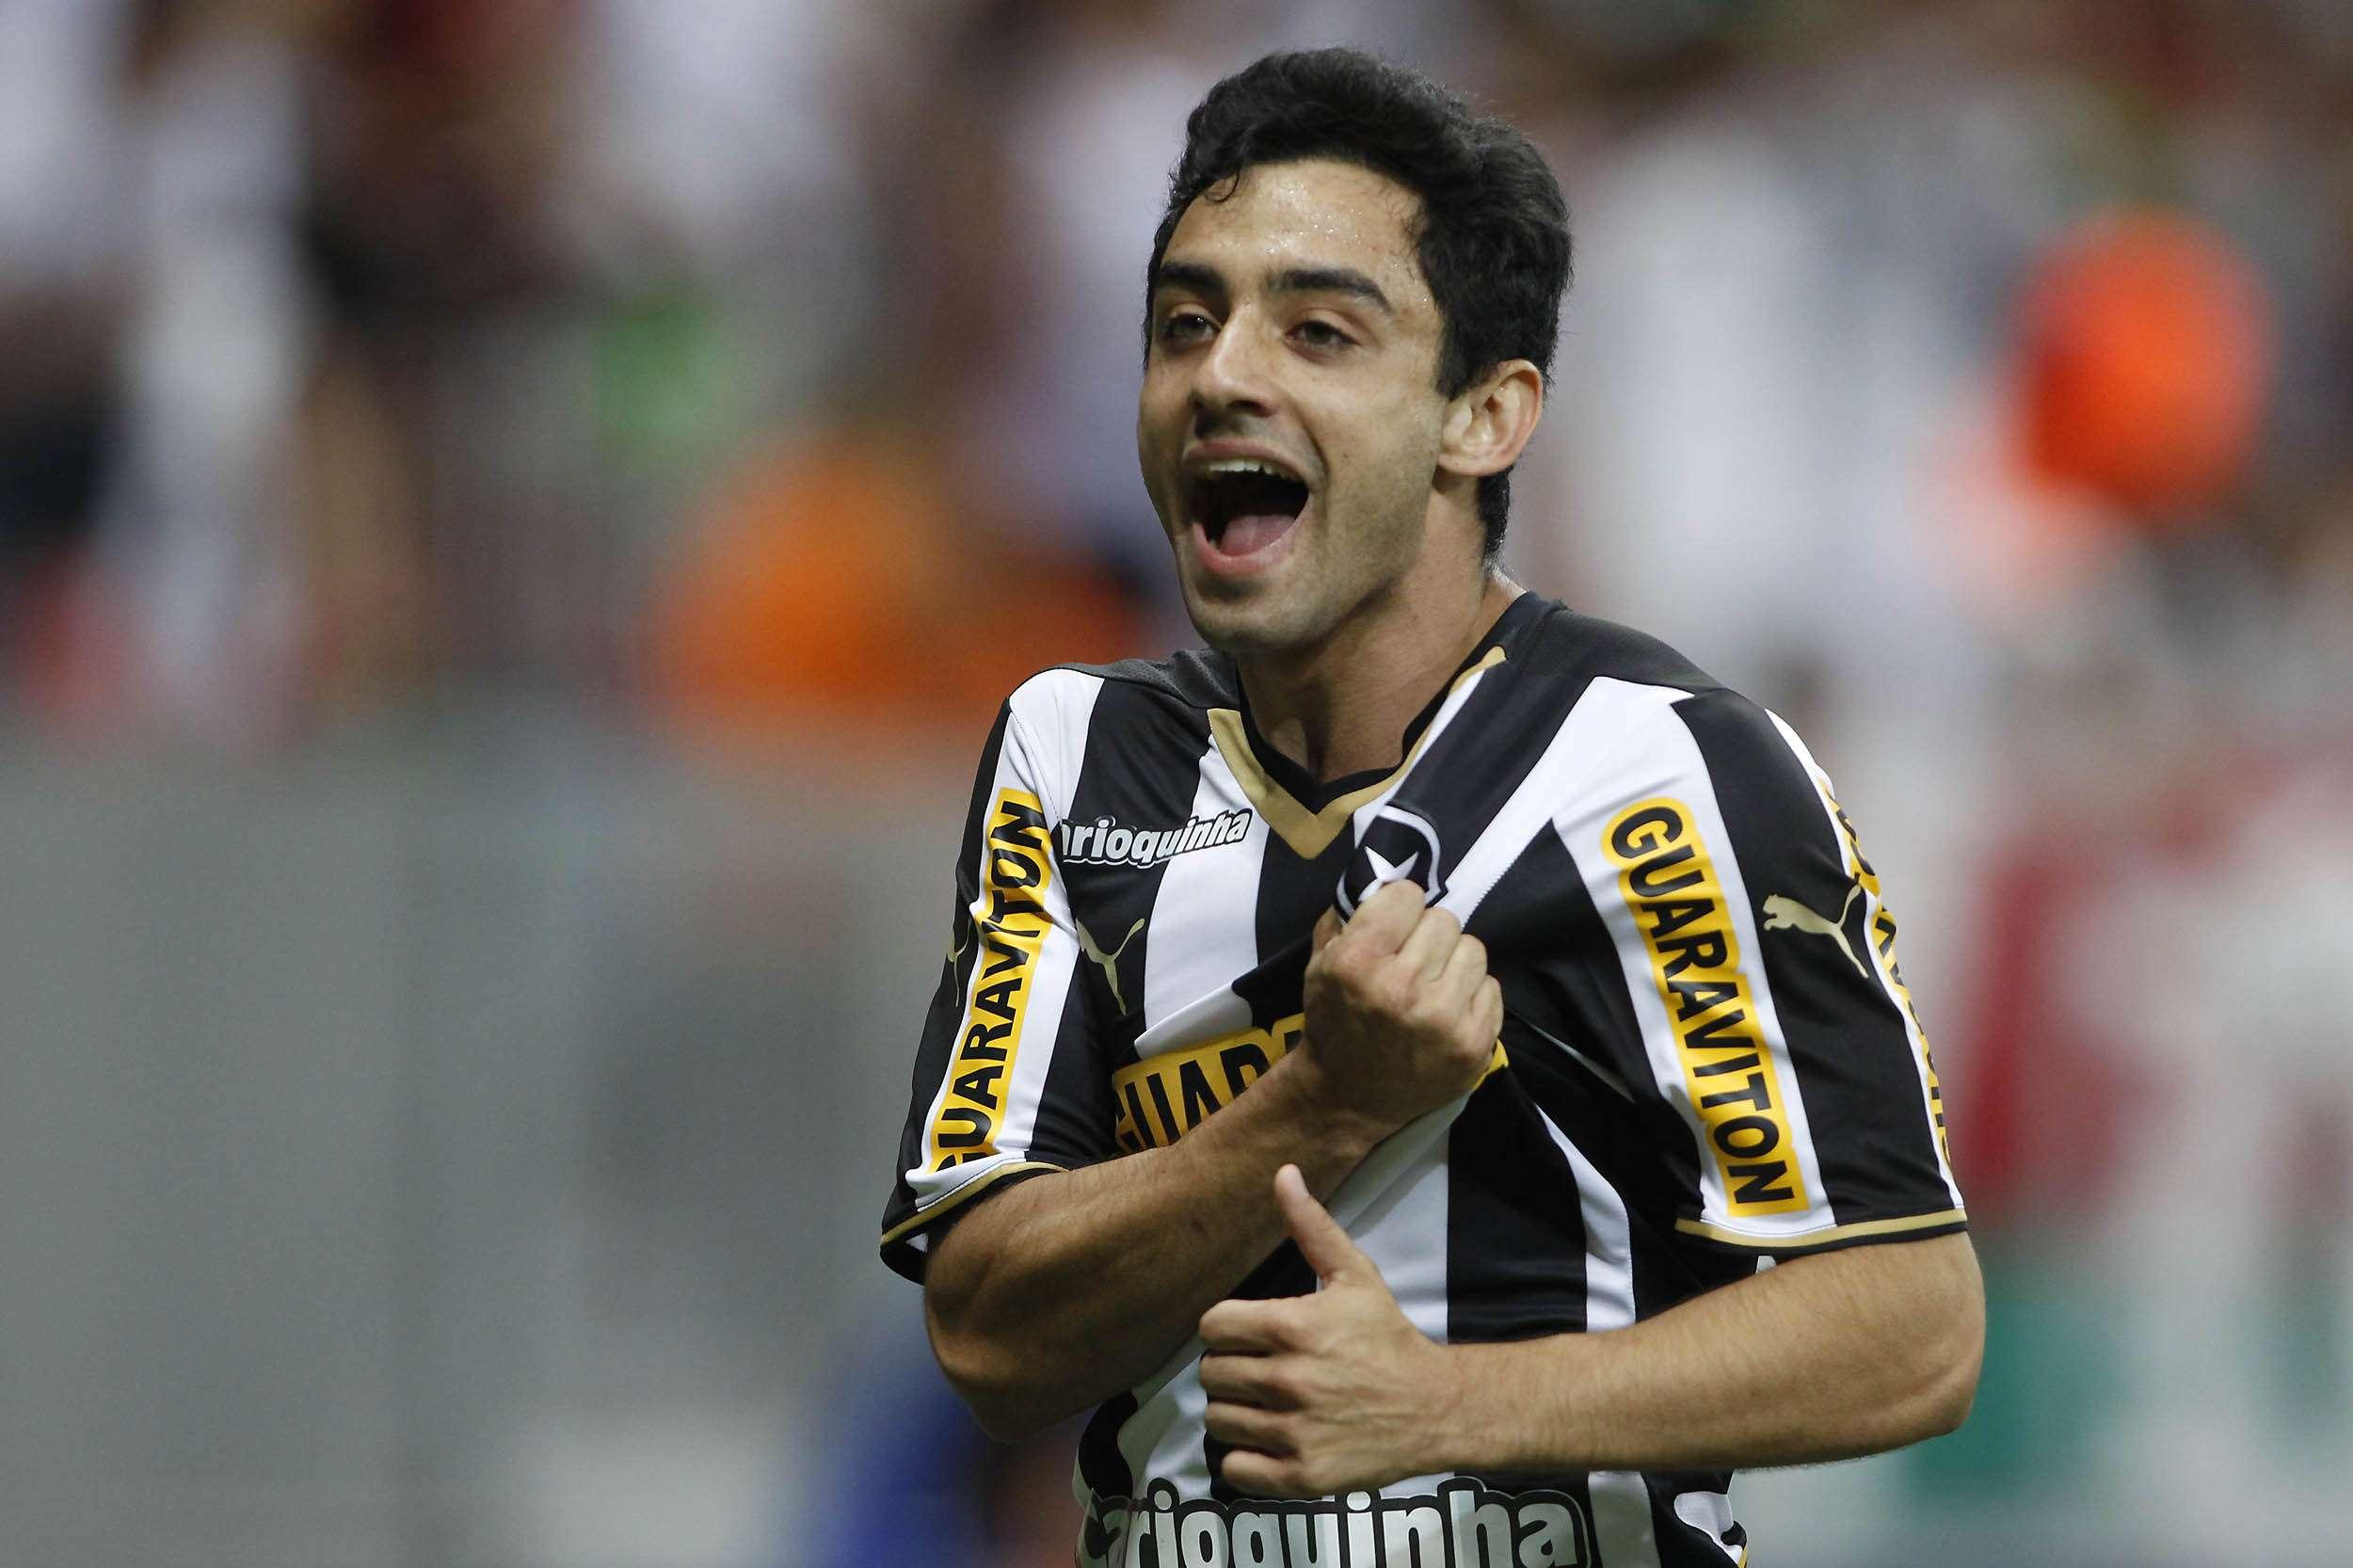 O jovem Daniel fez um golaço e abriu o placar Foto: Adalberto Marques/ Agif/Gazeta Press